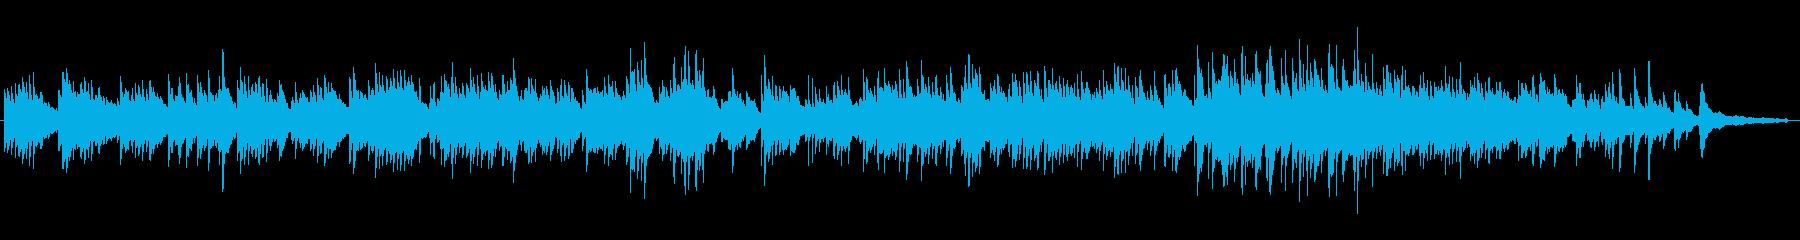 結婚式に。線を繋げたようなピアノソロの再生済みの波形